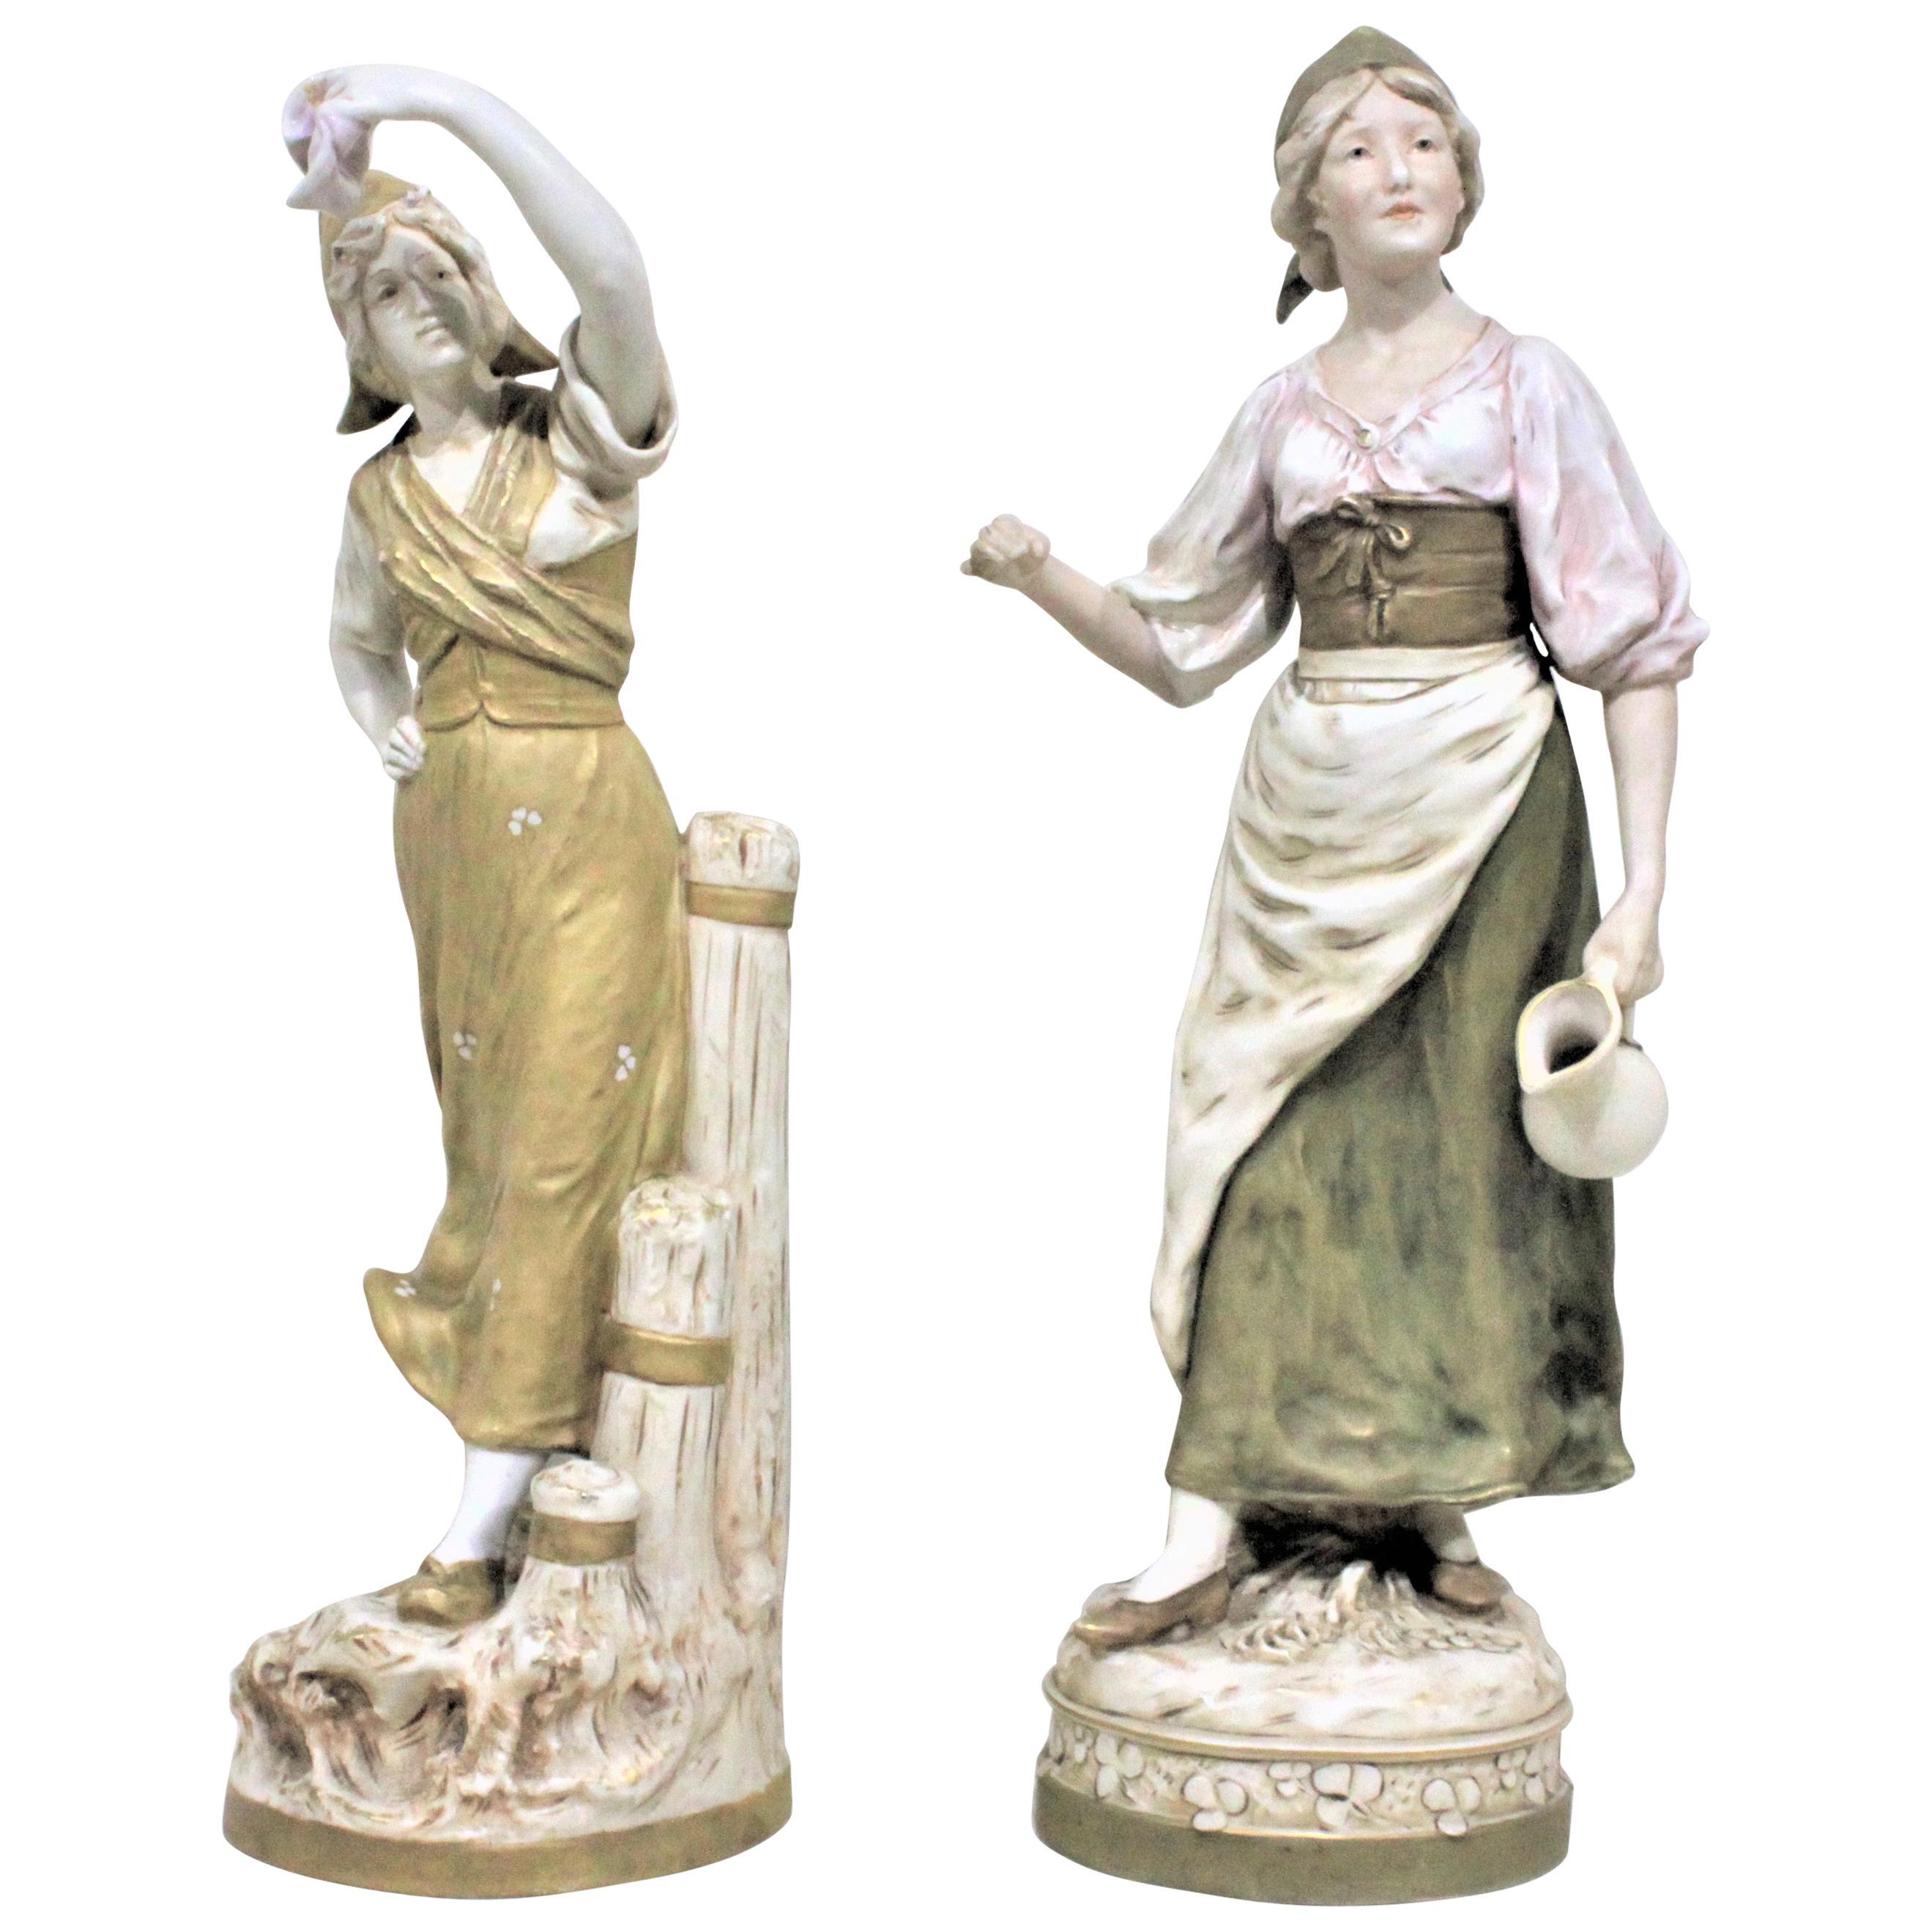 Pair of Antique Art Nouveau Royal Dux Porcelain Figurines